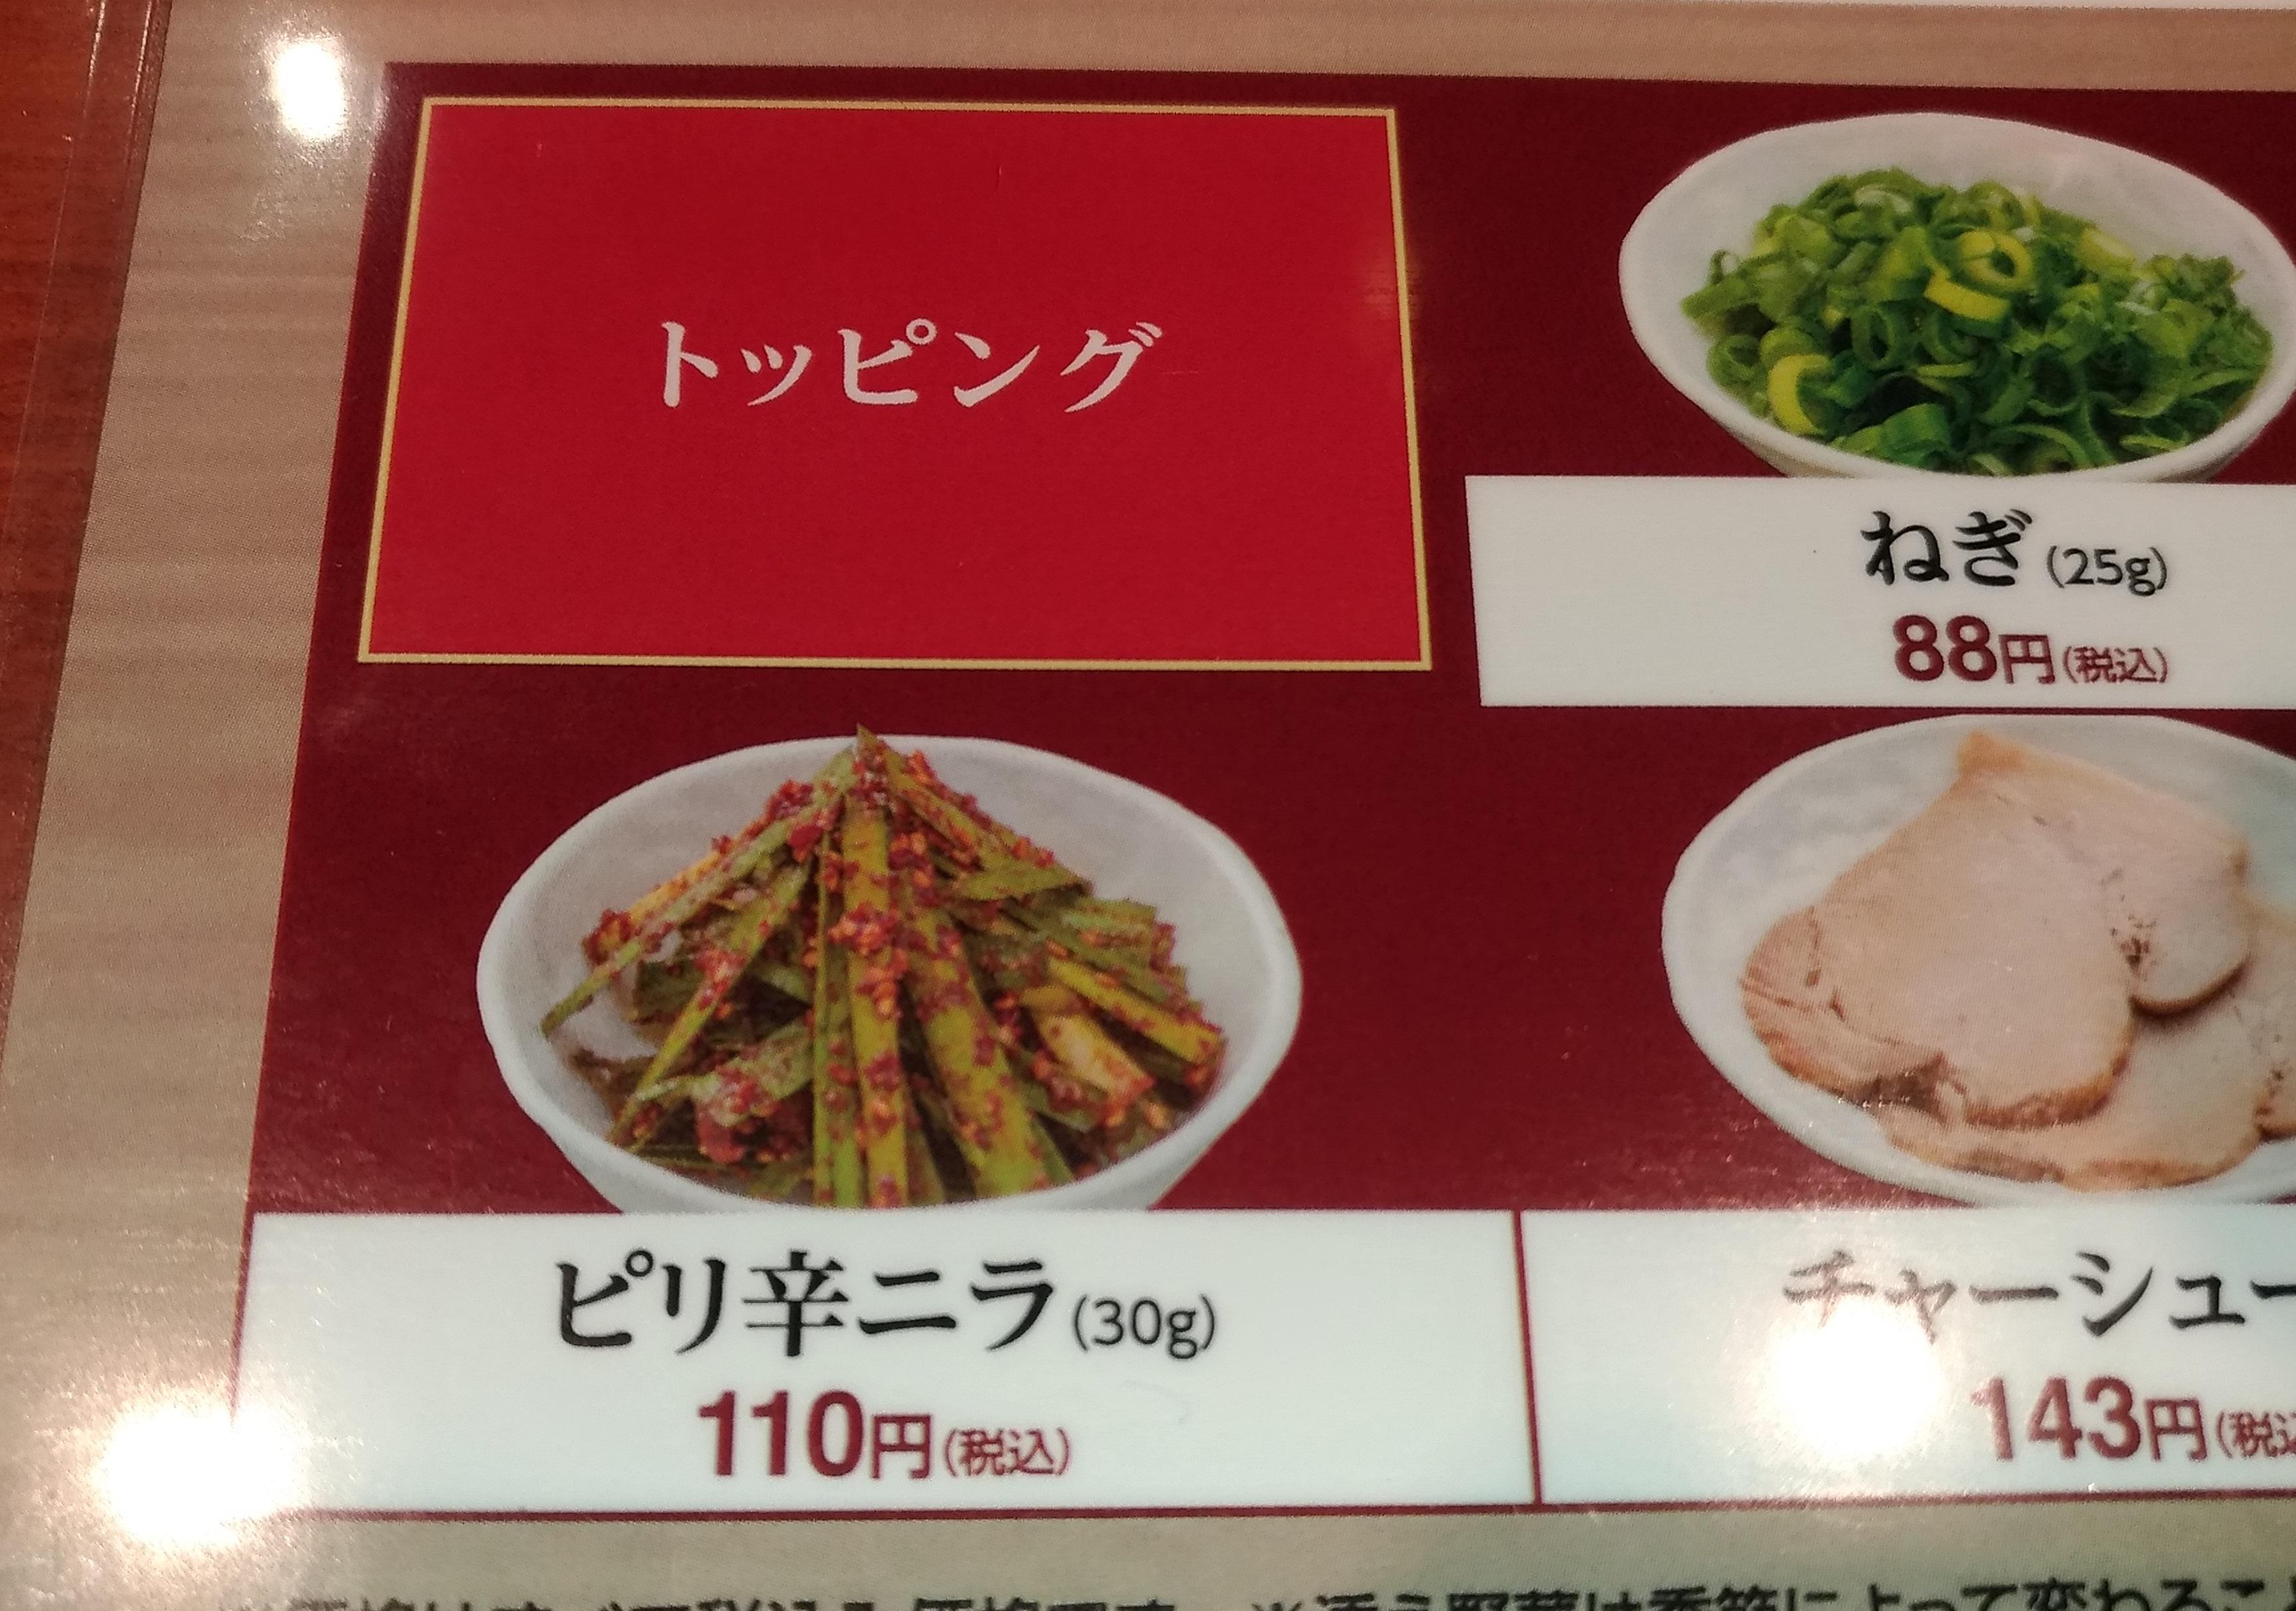 osaka_lunch_kotan_ramen_0707_3.jpg